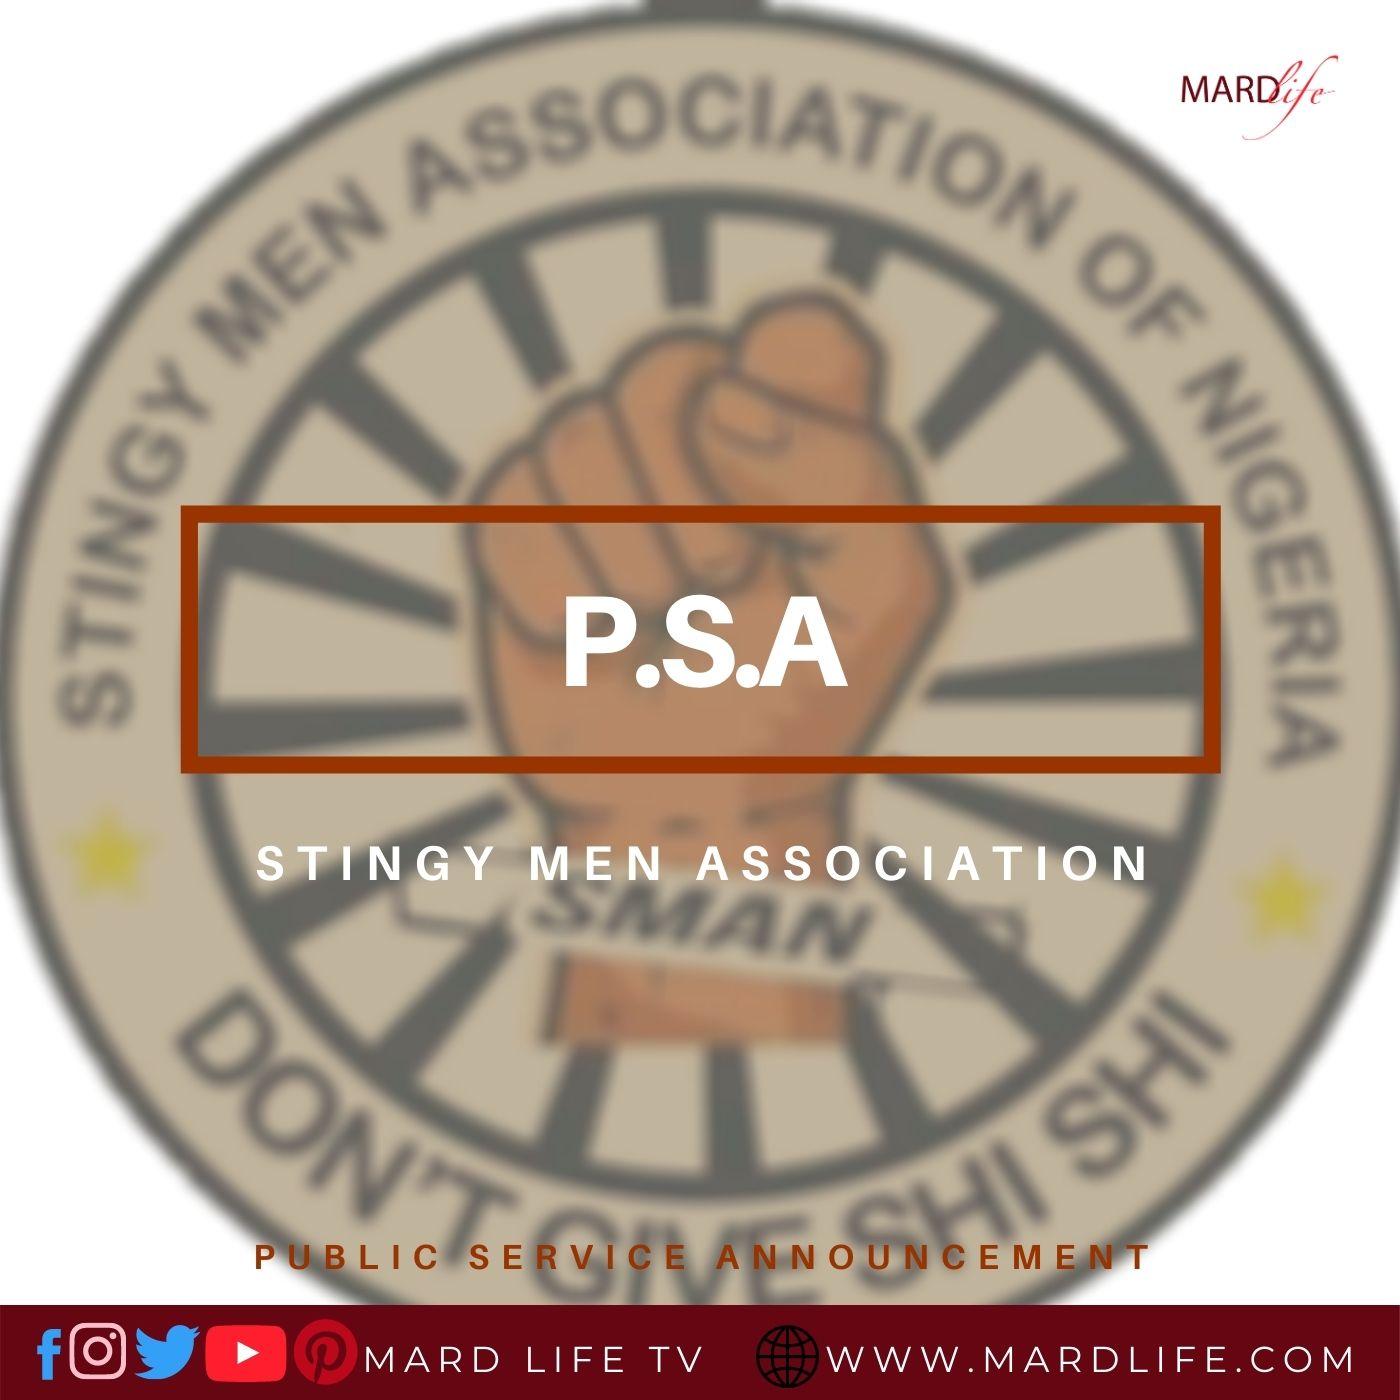 PSA: Stingy Men Association